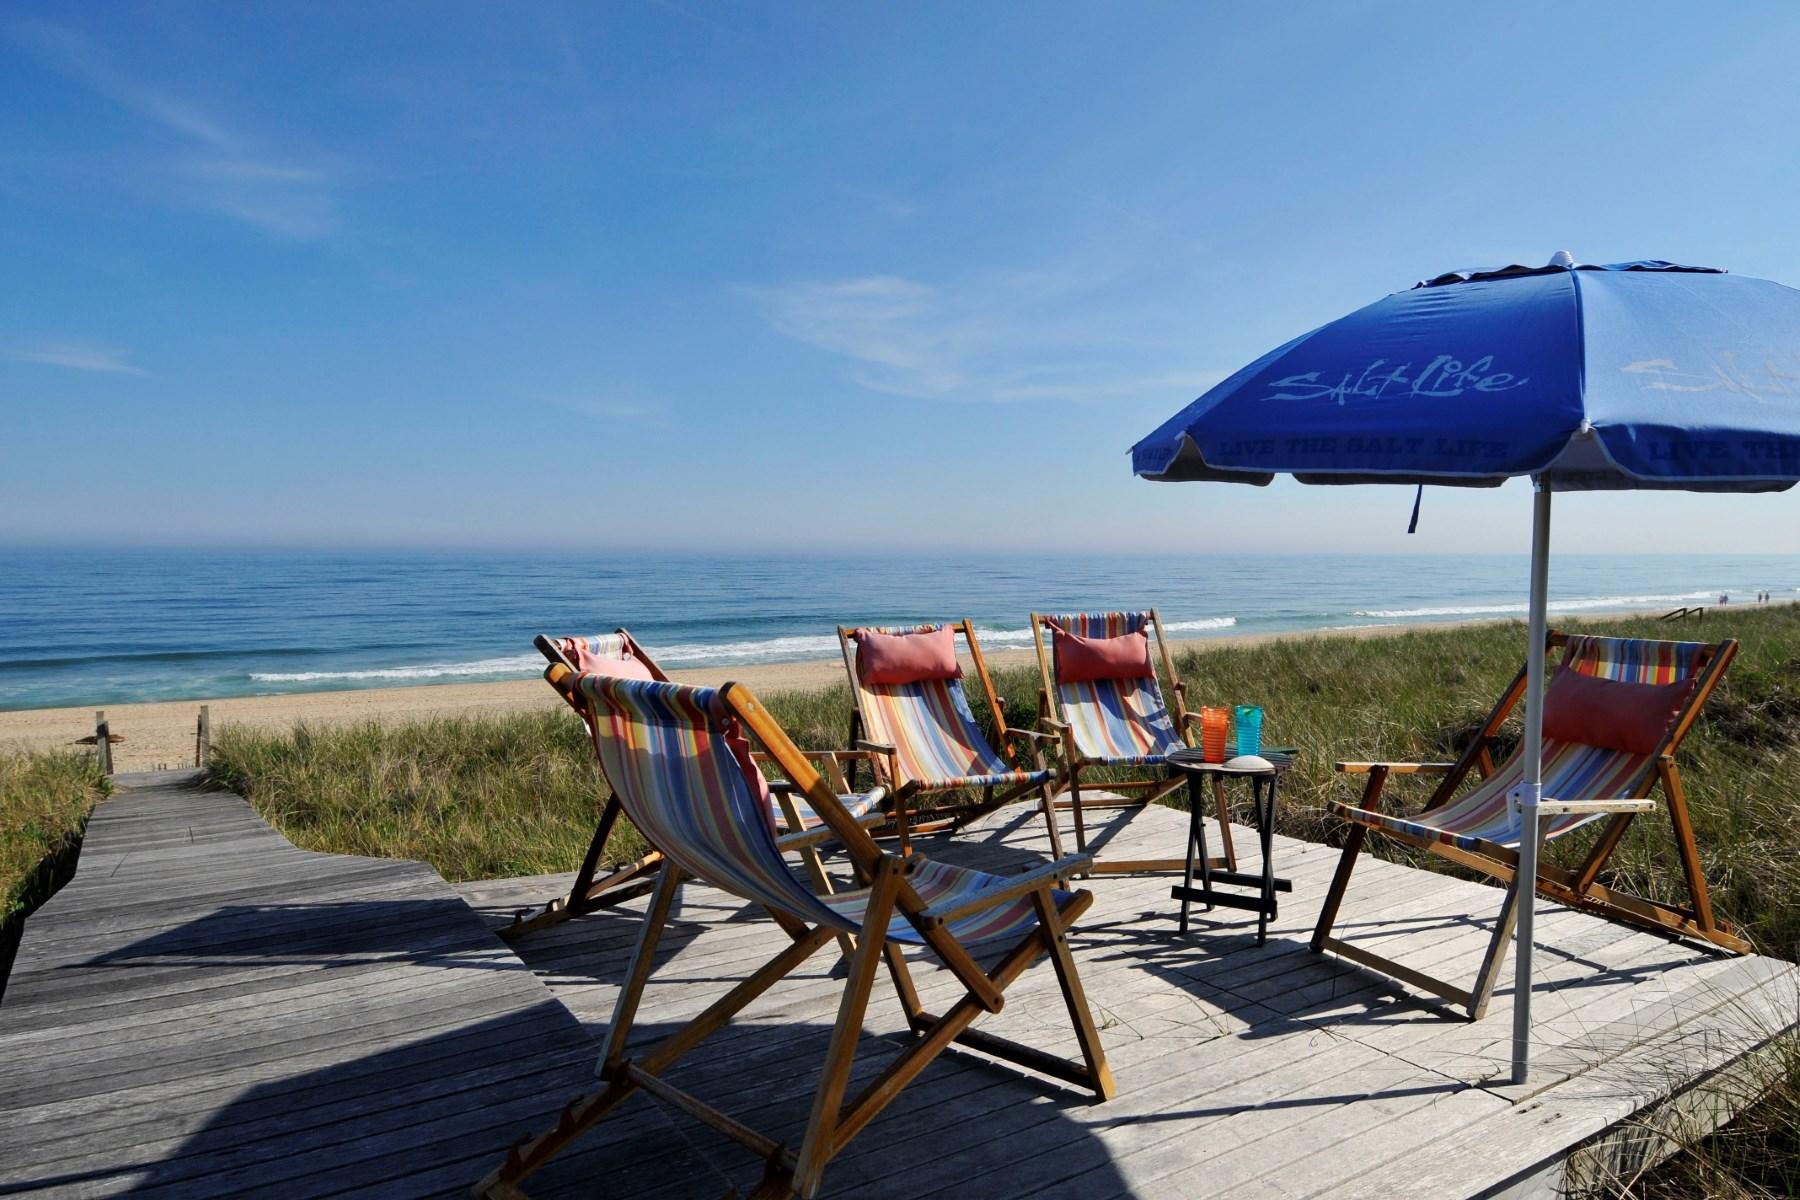 Частный односемейный дом для того Продажа на Oceanfront Amagansett 261 Marine Boulevard Amagansett Dunes, Amagansett, Нью-Йорк 11930 Соединенные Штаты